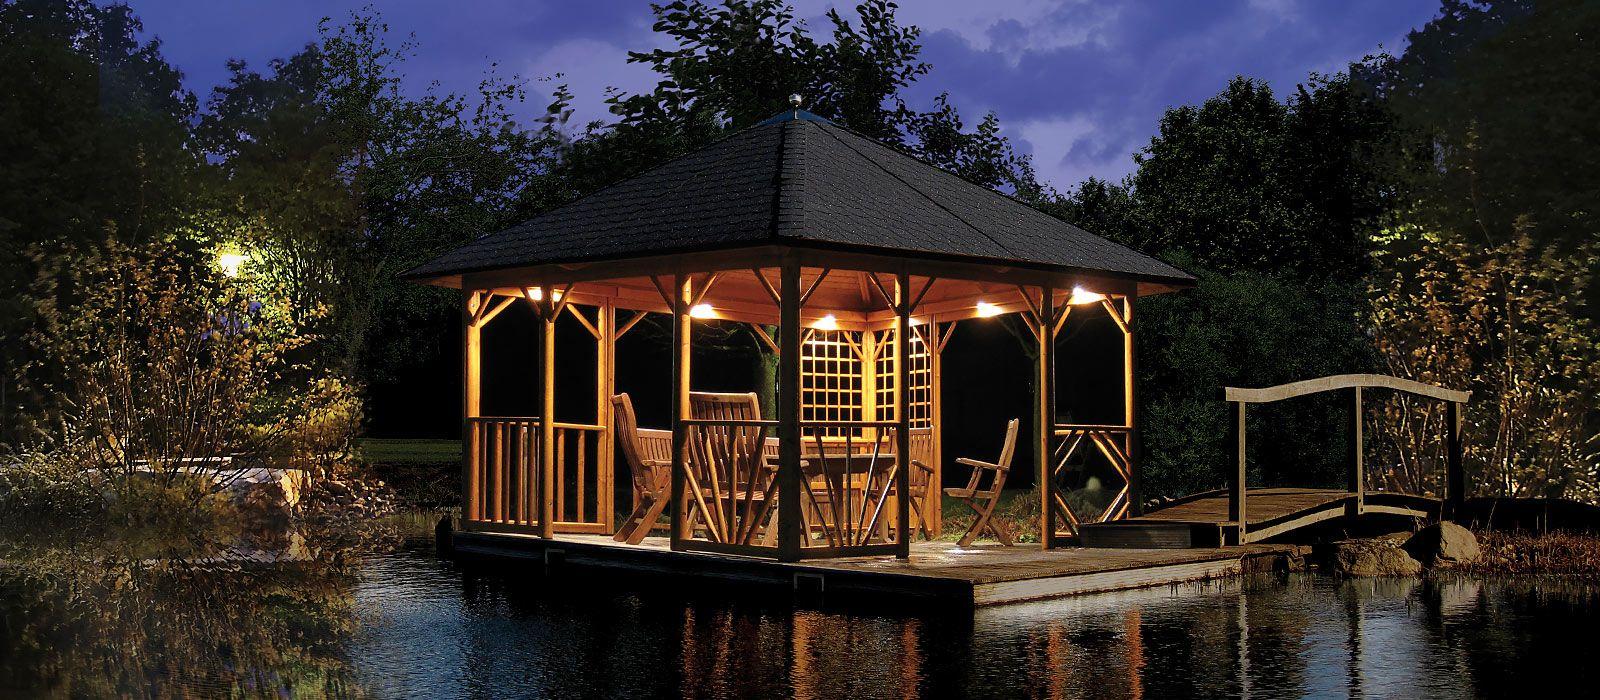 Pavillon Selber Bauen Schafft In Der Nacht Eine Romantische Atmosphäre